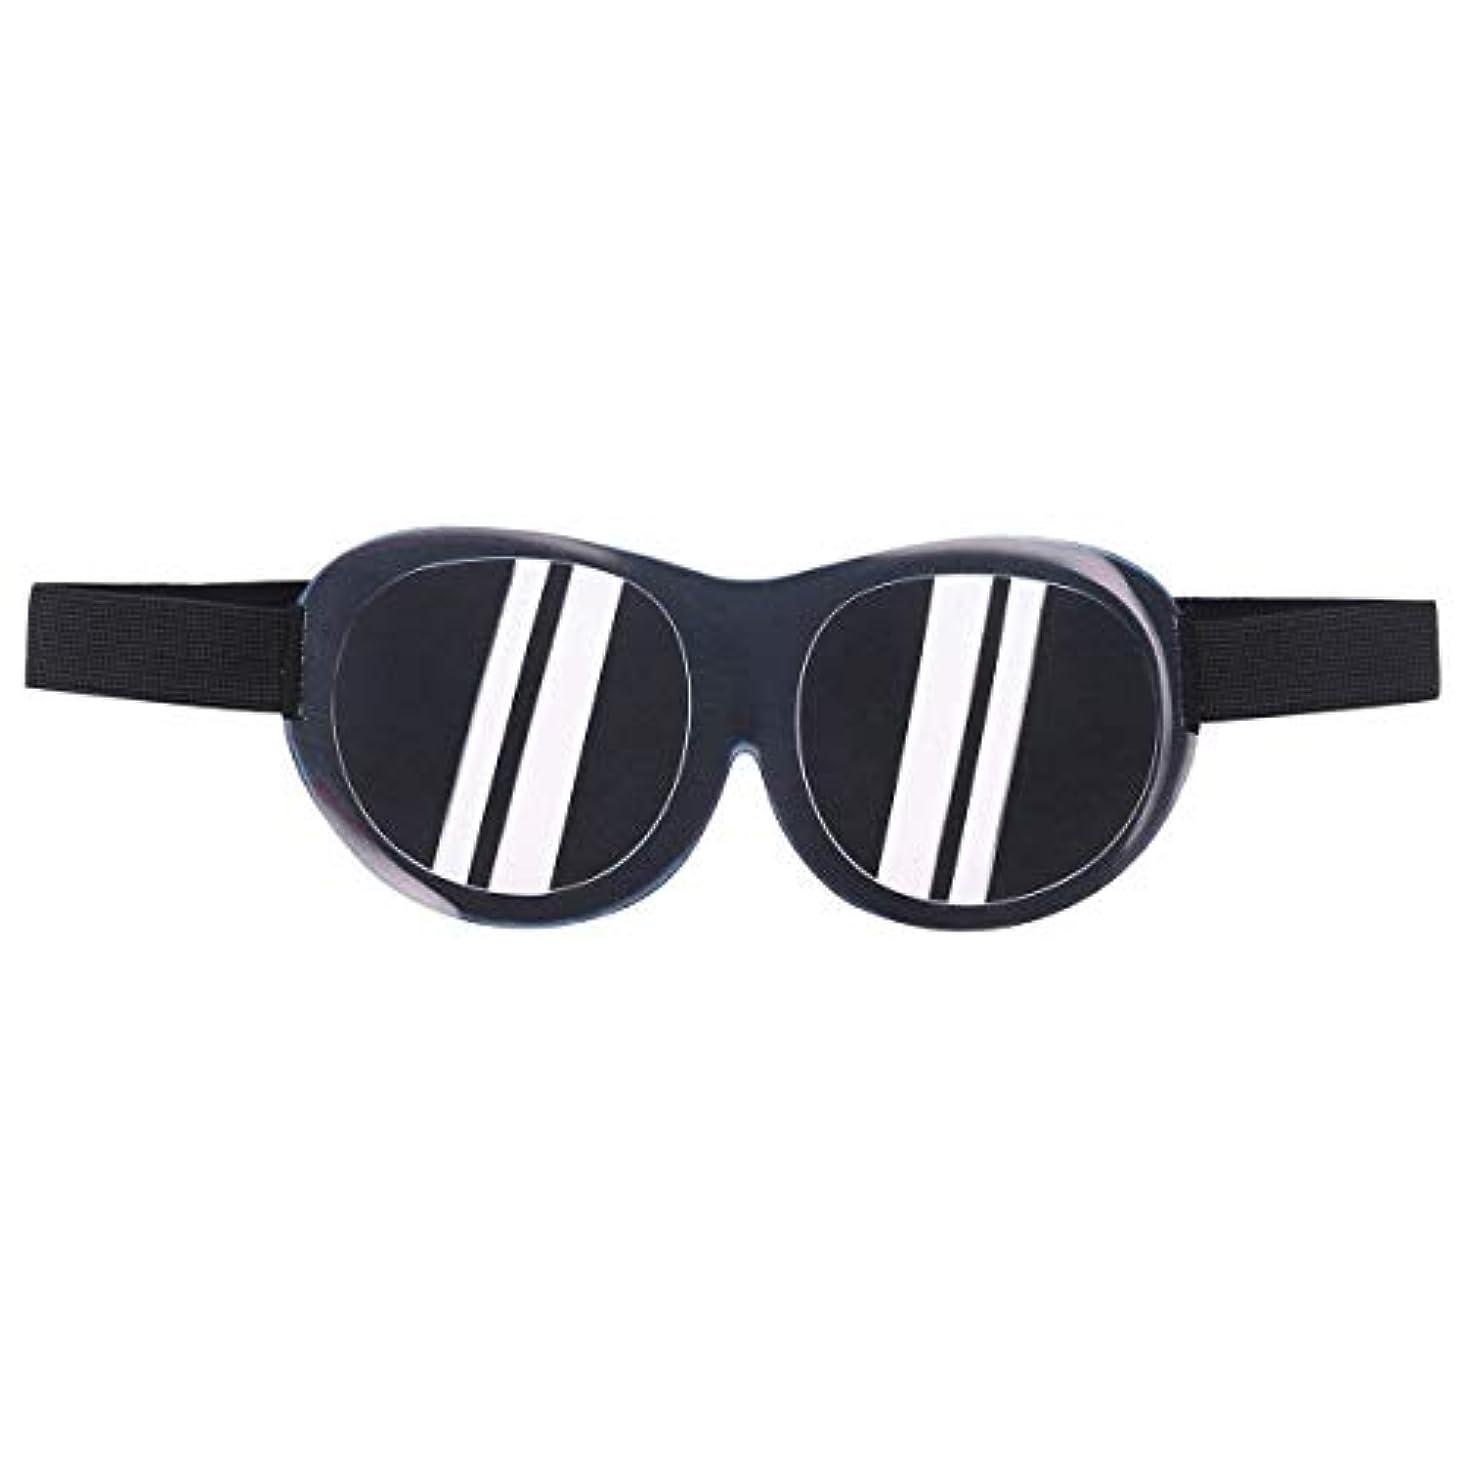 期限切れ第もSUPVOX 面白いアイシェード3Dスリープマスクブラインドパッチアイマスク目隠し